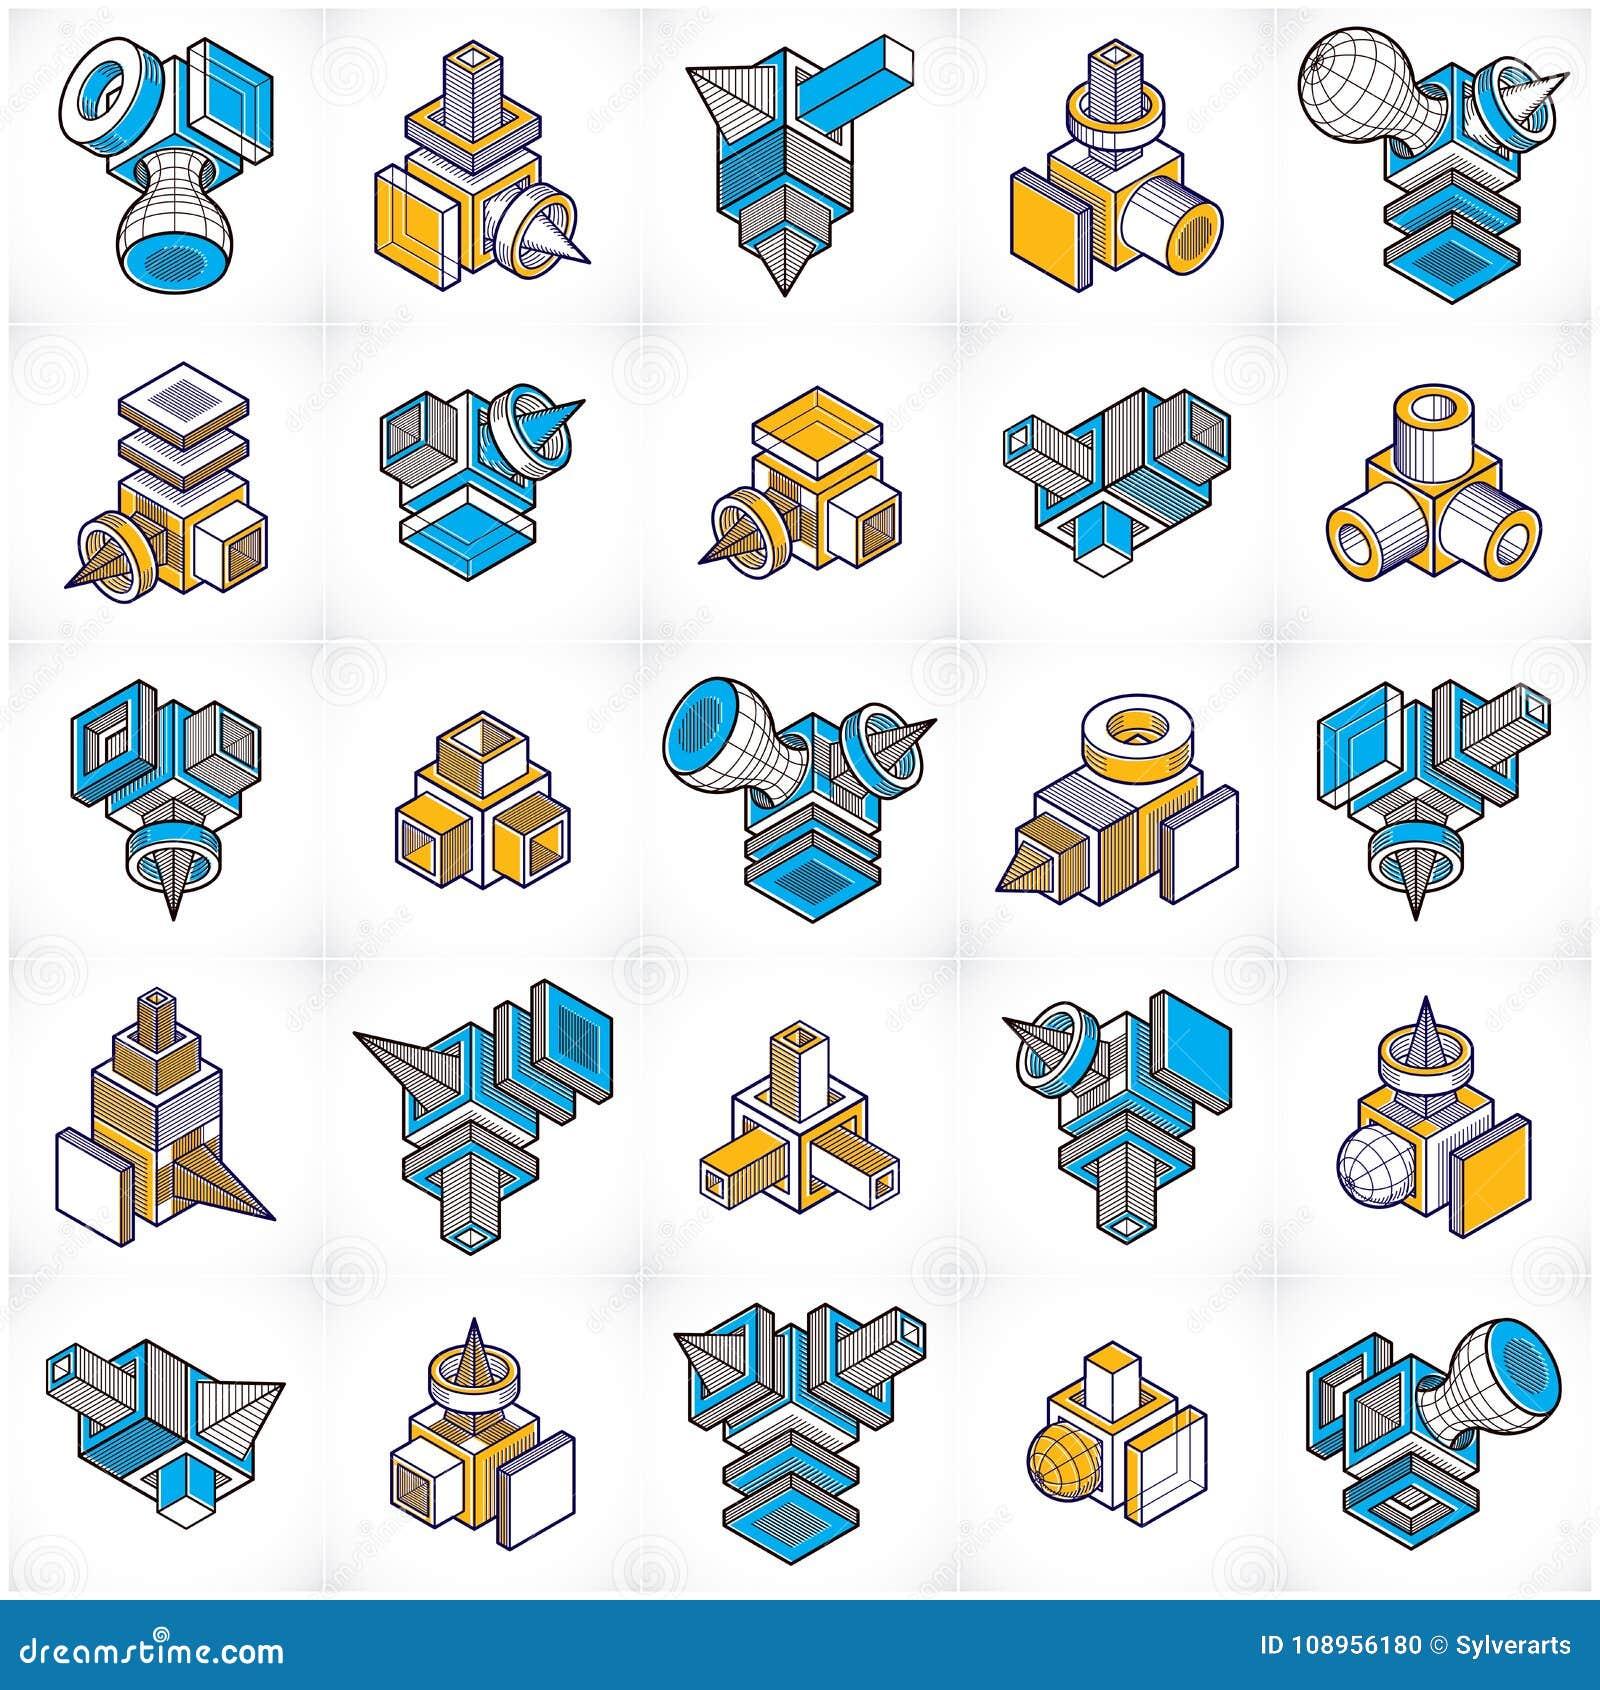 Vecteurs de l ingénierie 3D, collection abstraite de formes